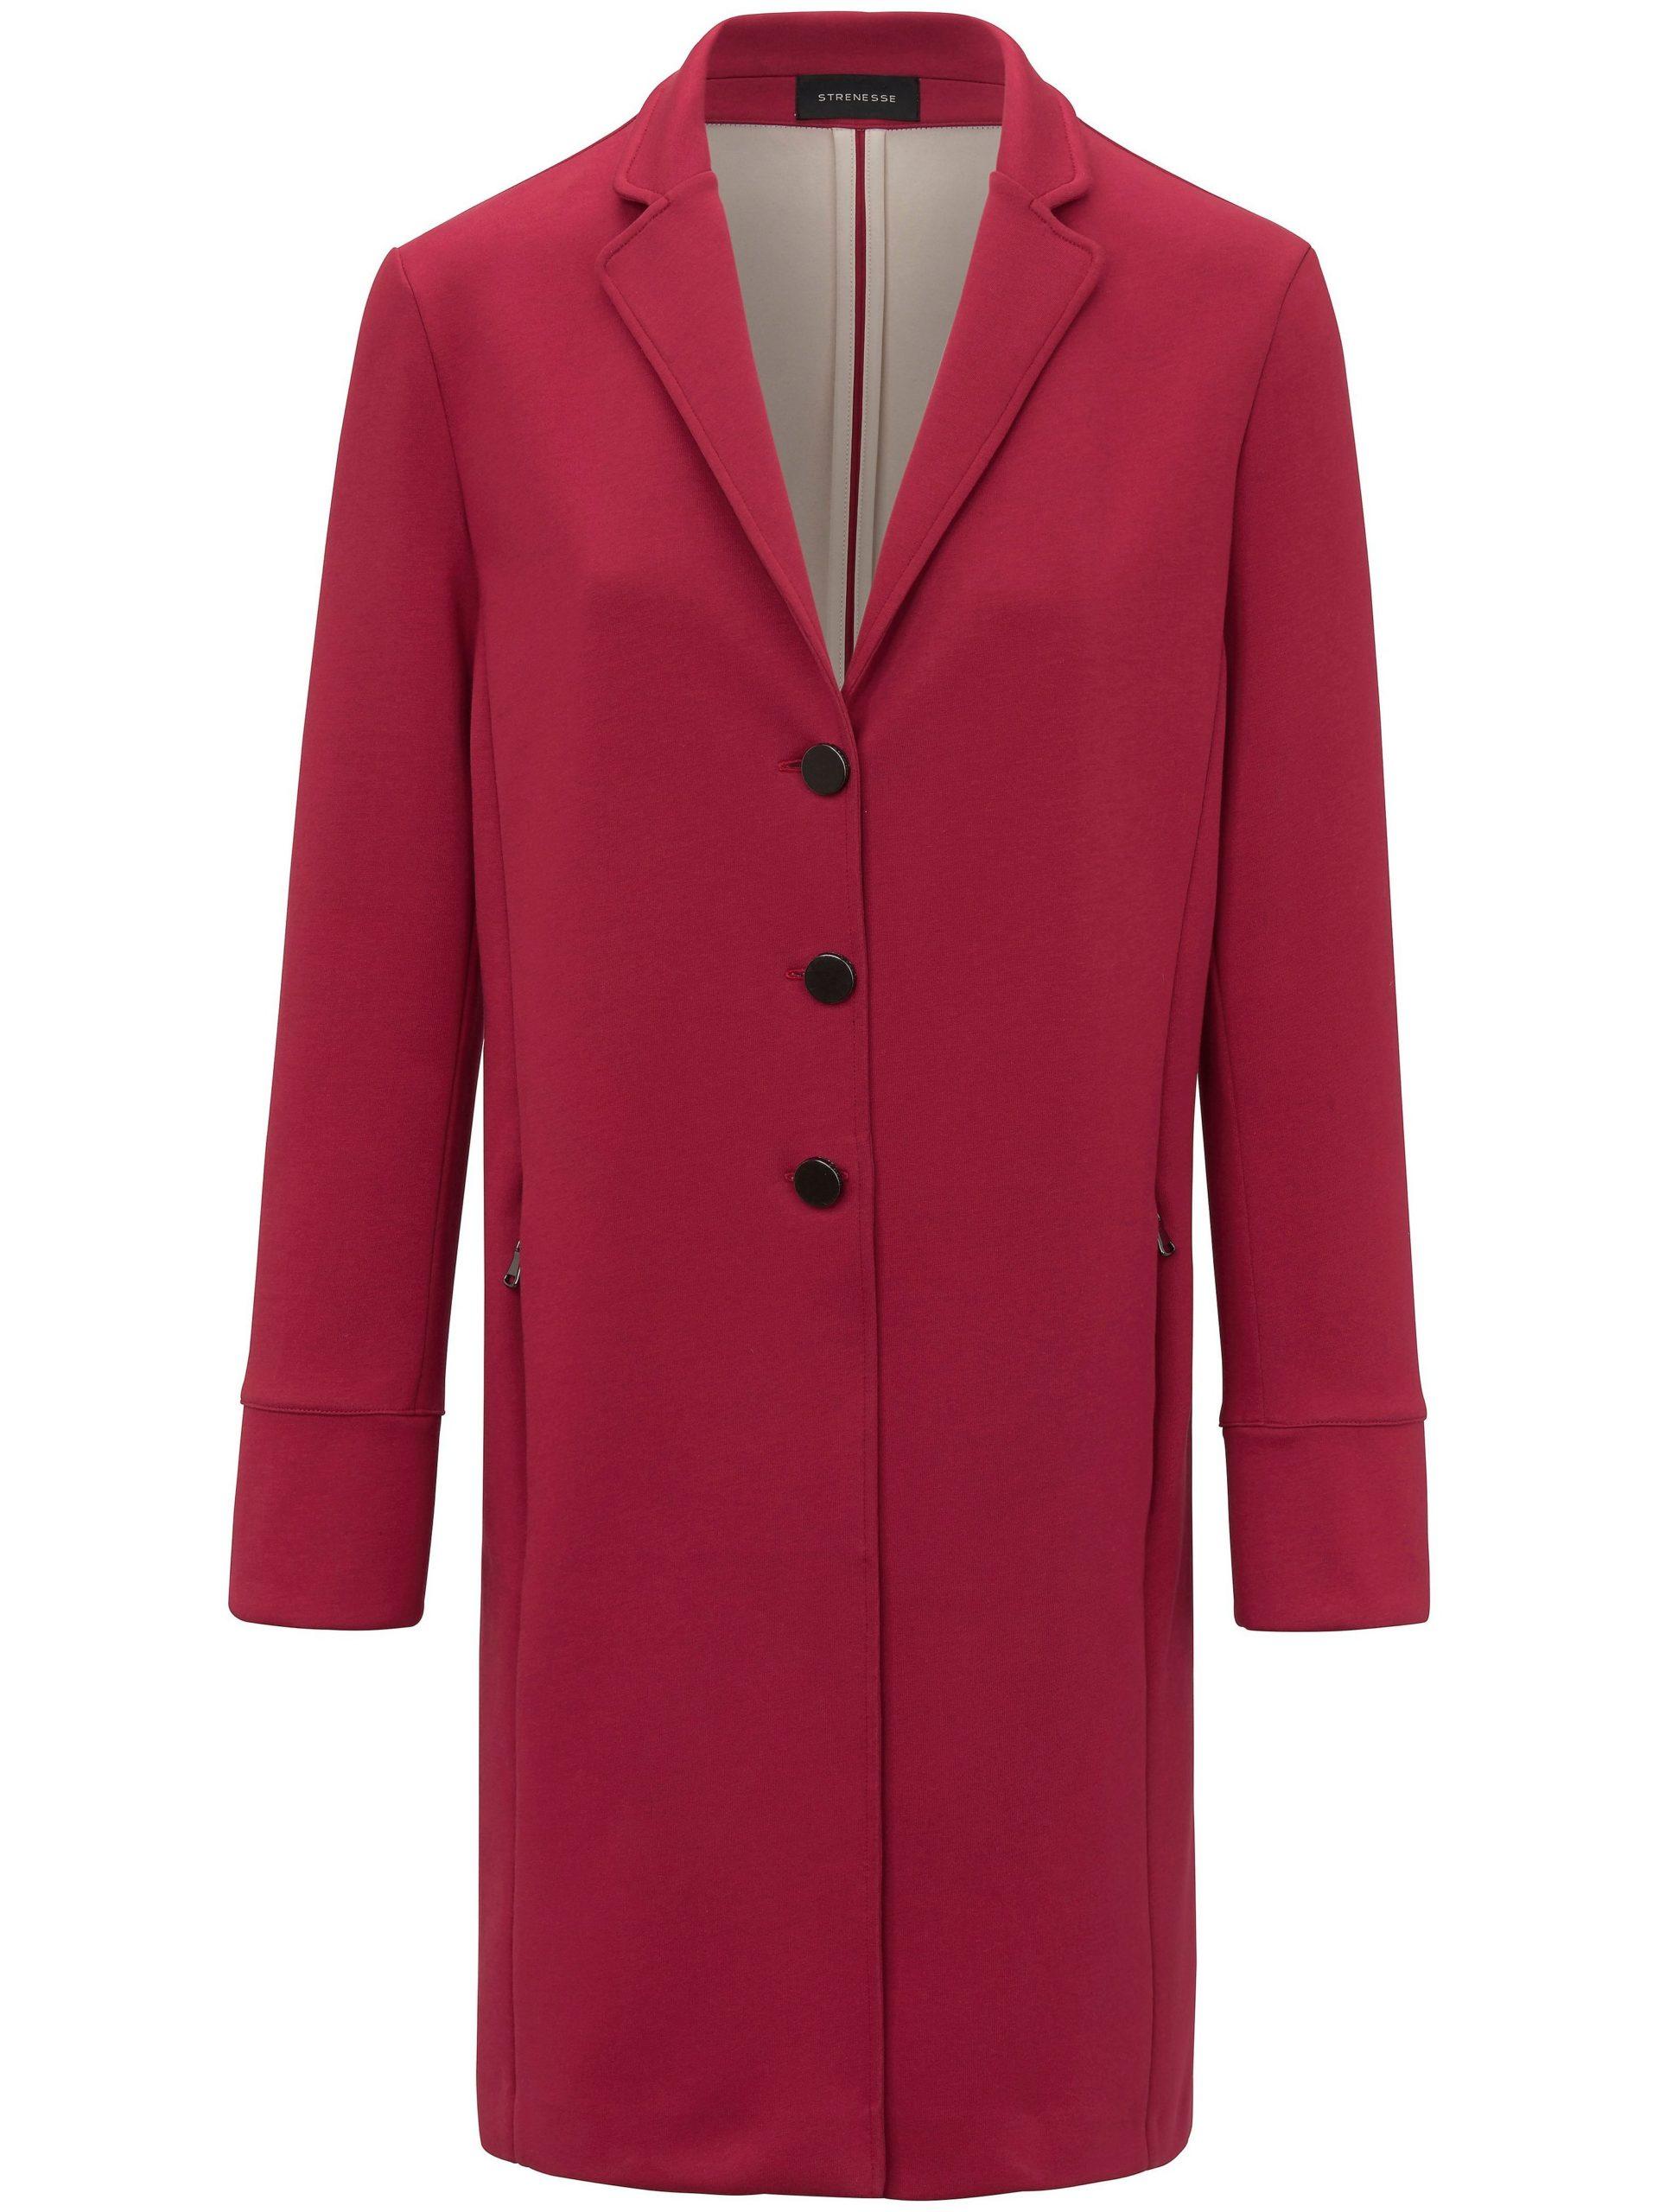 Jerseyjas Van Strenesse rood Kopen